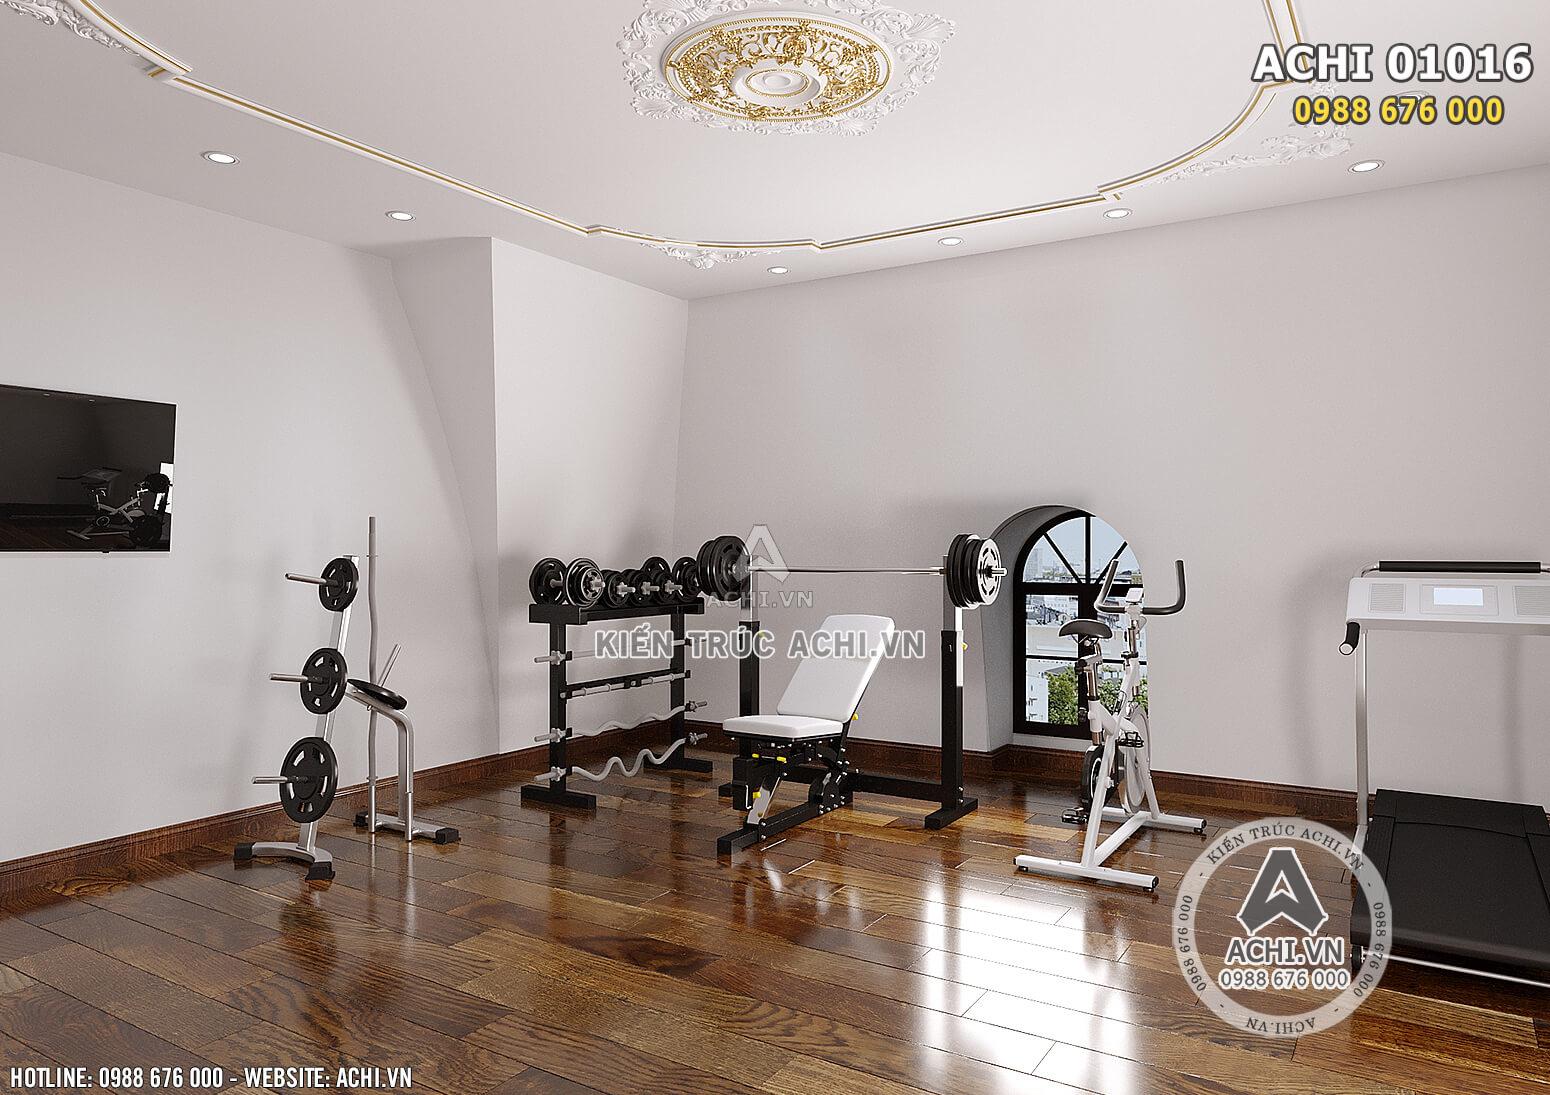 Hình ảnh: Thiết kế nội thất phòng gym không khác gì so với các phòng tập ngoài - ACHI 01016